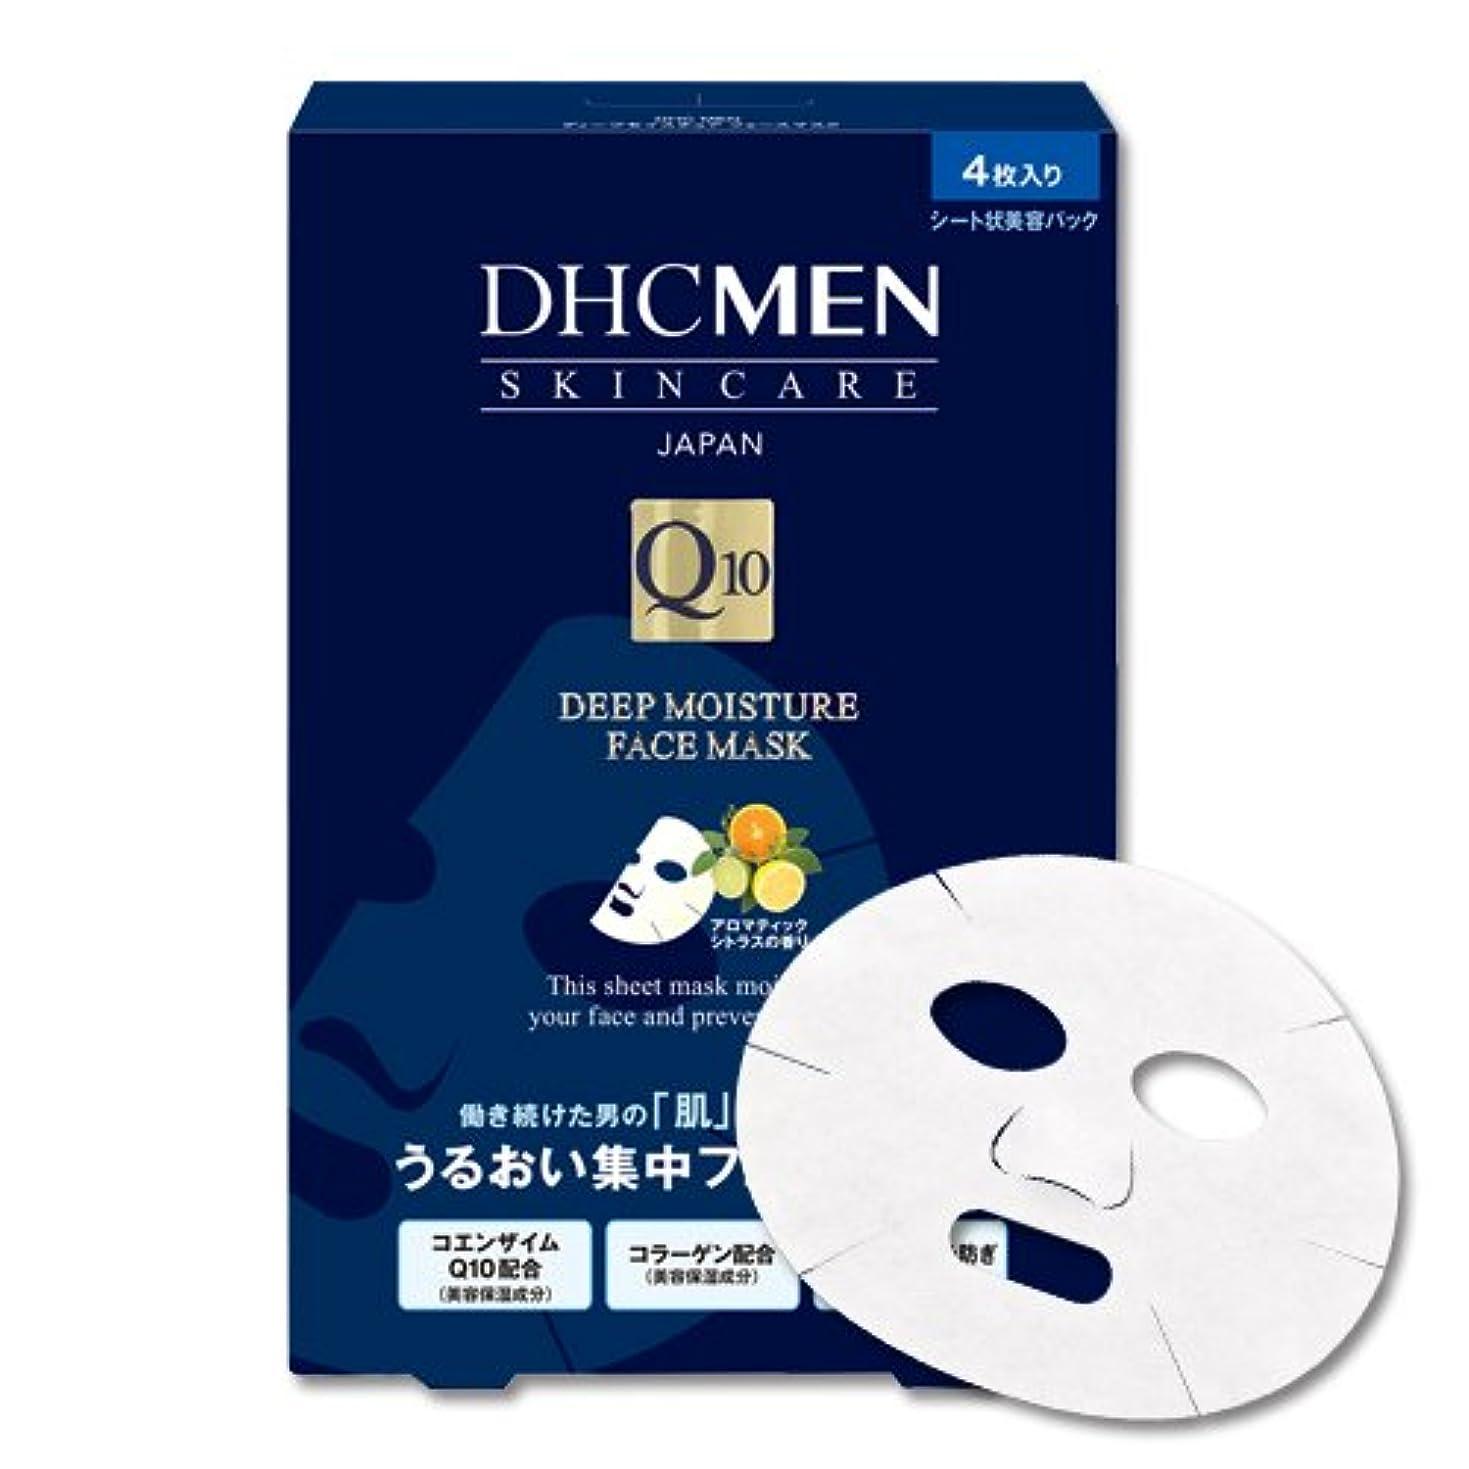 洞察力混雑製造業DHC MEN ディープモイスチュア フェースマスク